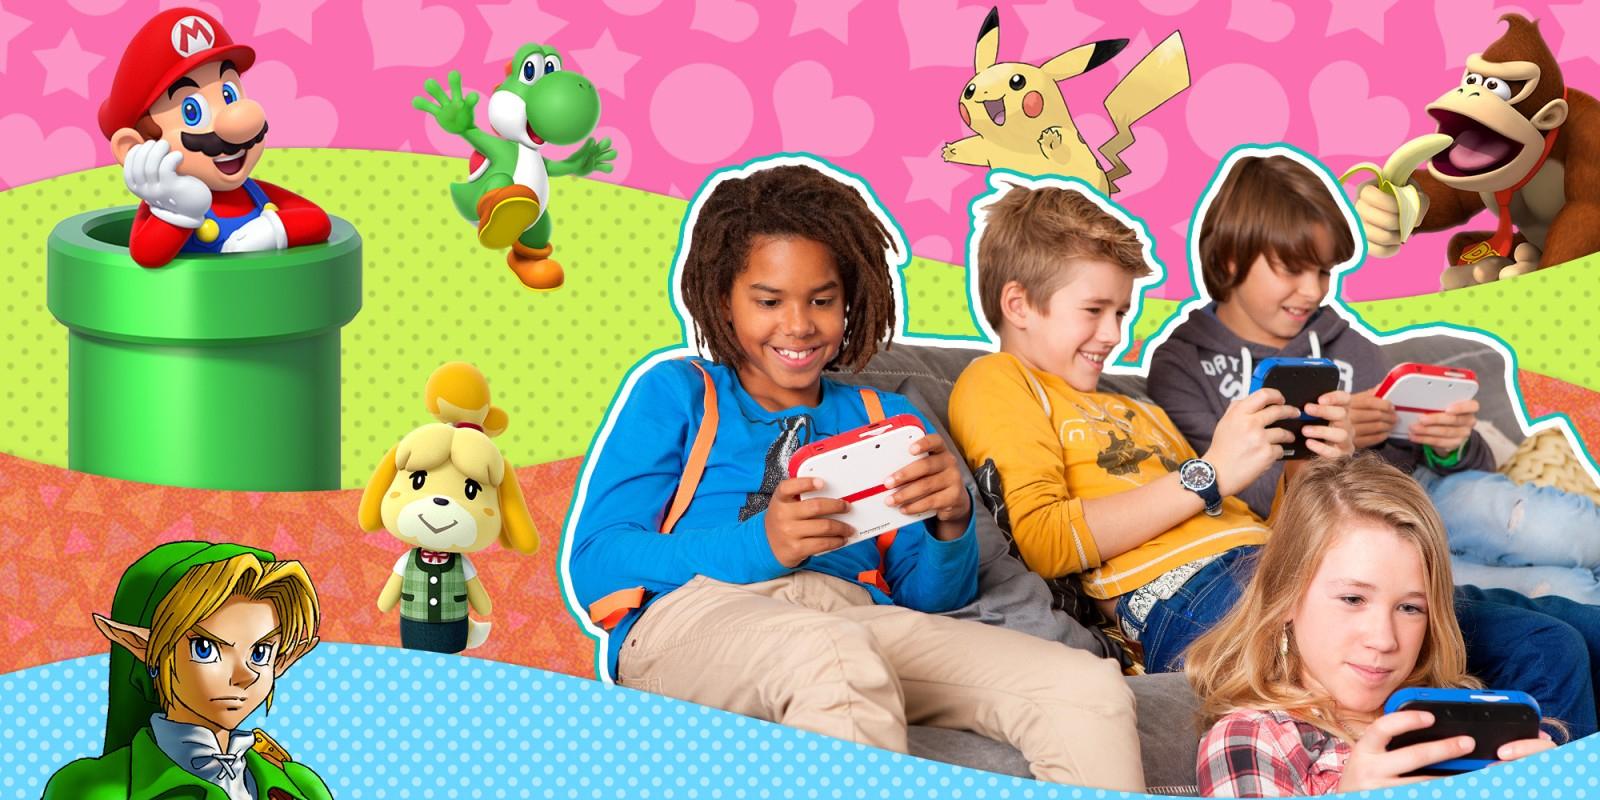 Jeux Nintendo Pour Les Enfants | Nintendo à Jeux Pour Enfant 7 Ans